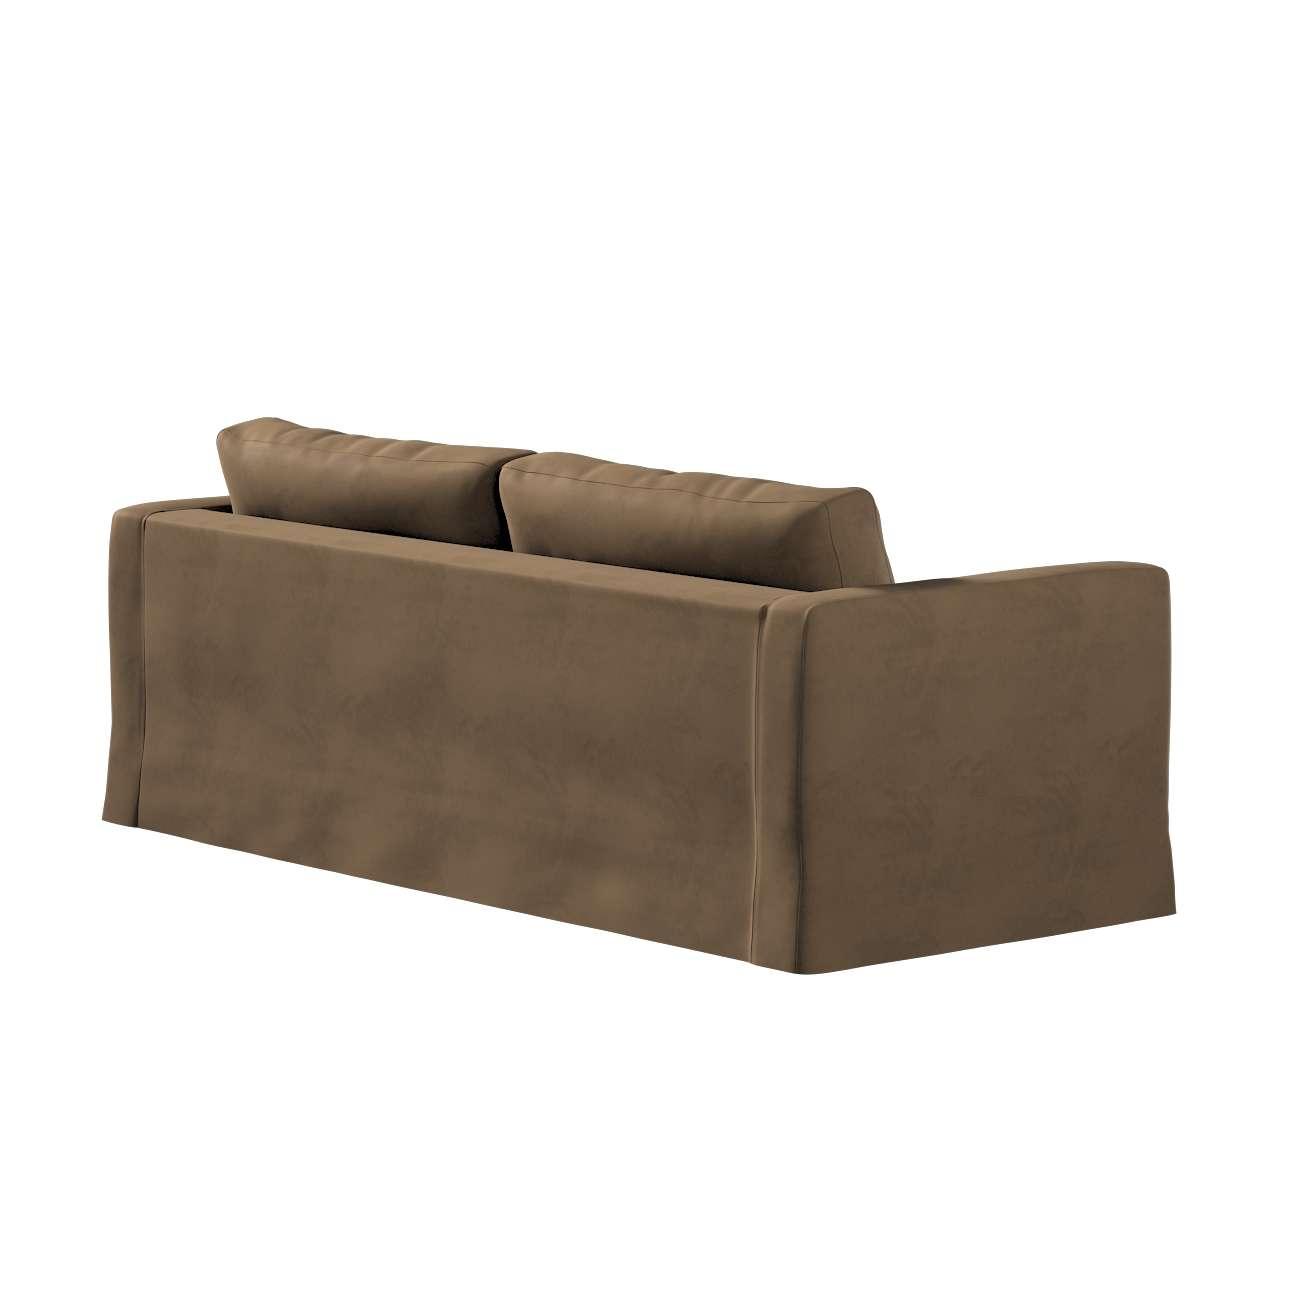 Pokrowiec na sofę Karlstad 3-osobową nierozkładaną, długi w kolekcji Living, tkanina: 160-94